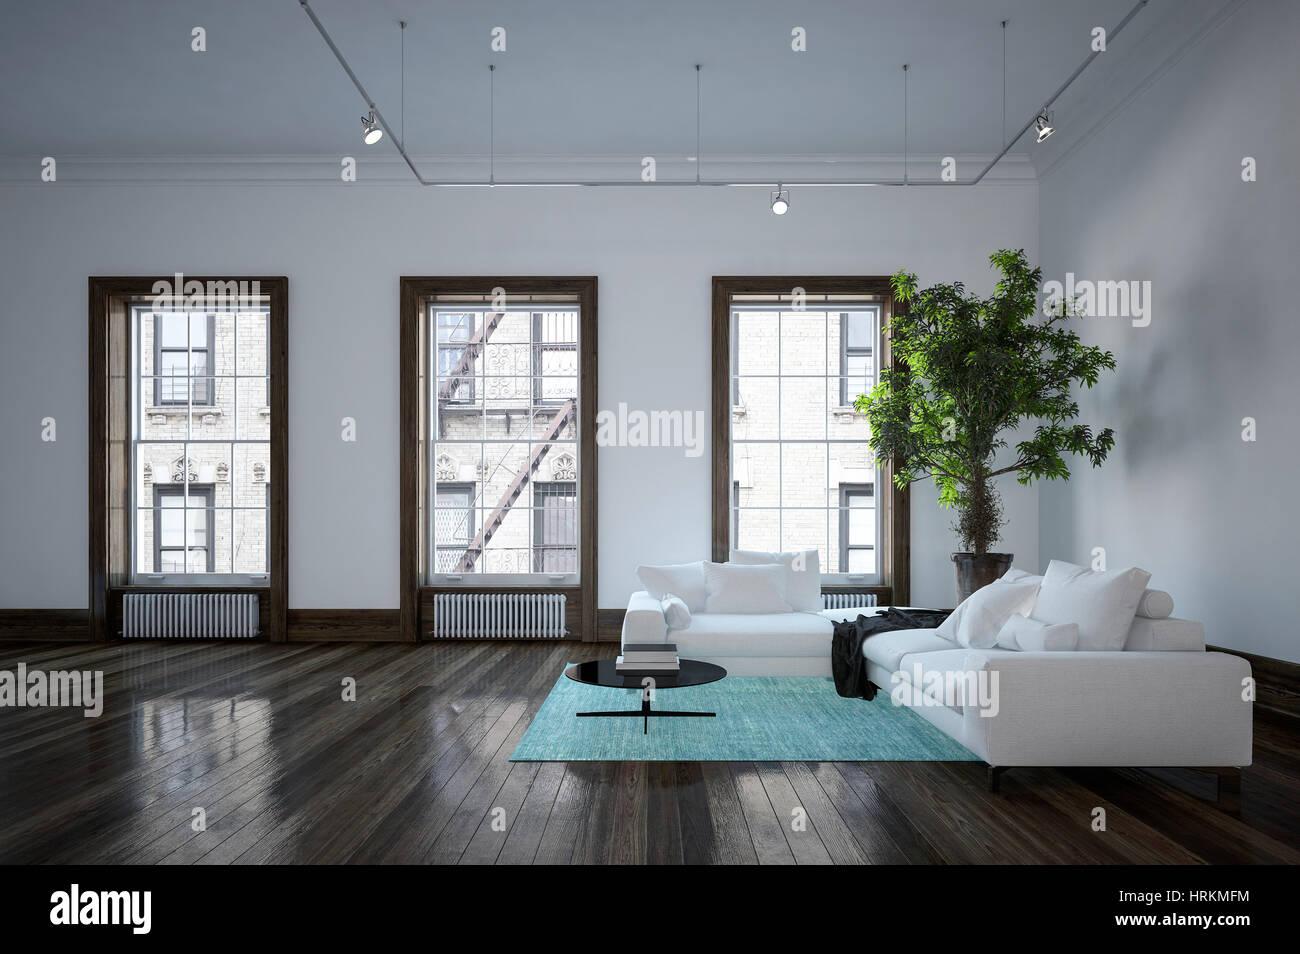 Salotto Moderno Verde : Minimalista moderno salotto cittadino interno con decor di bianco